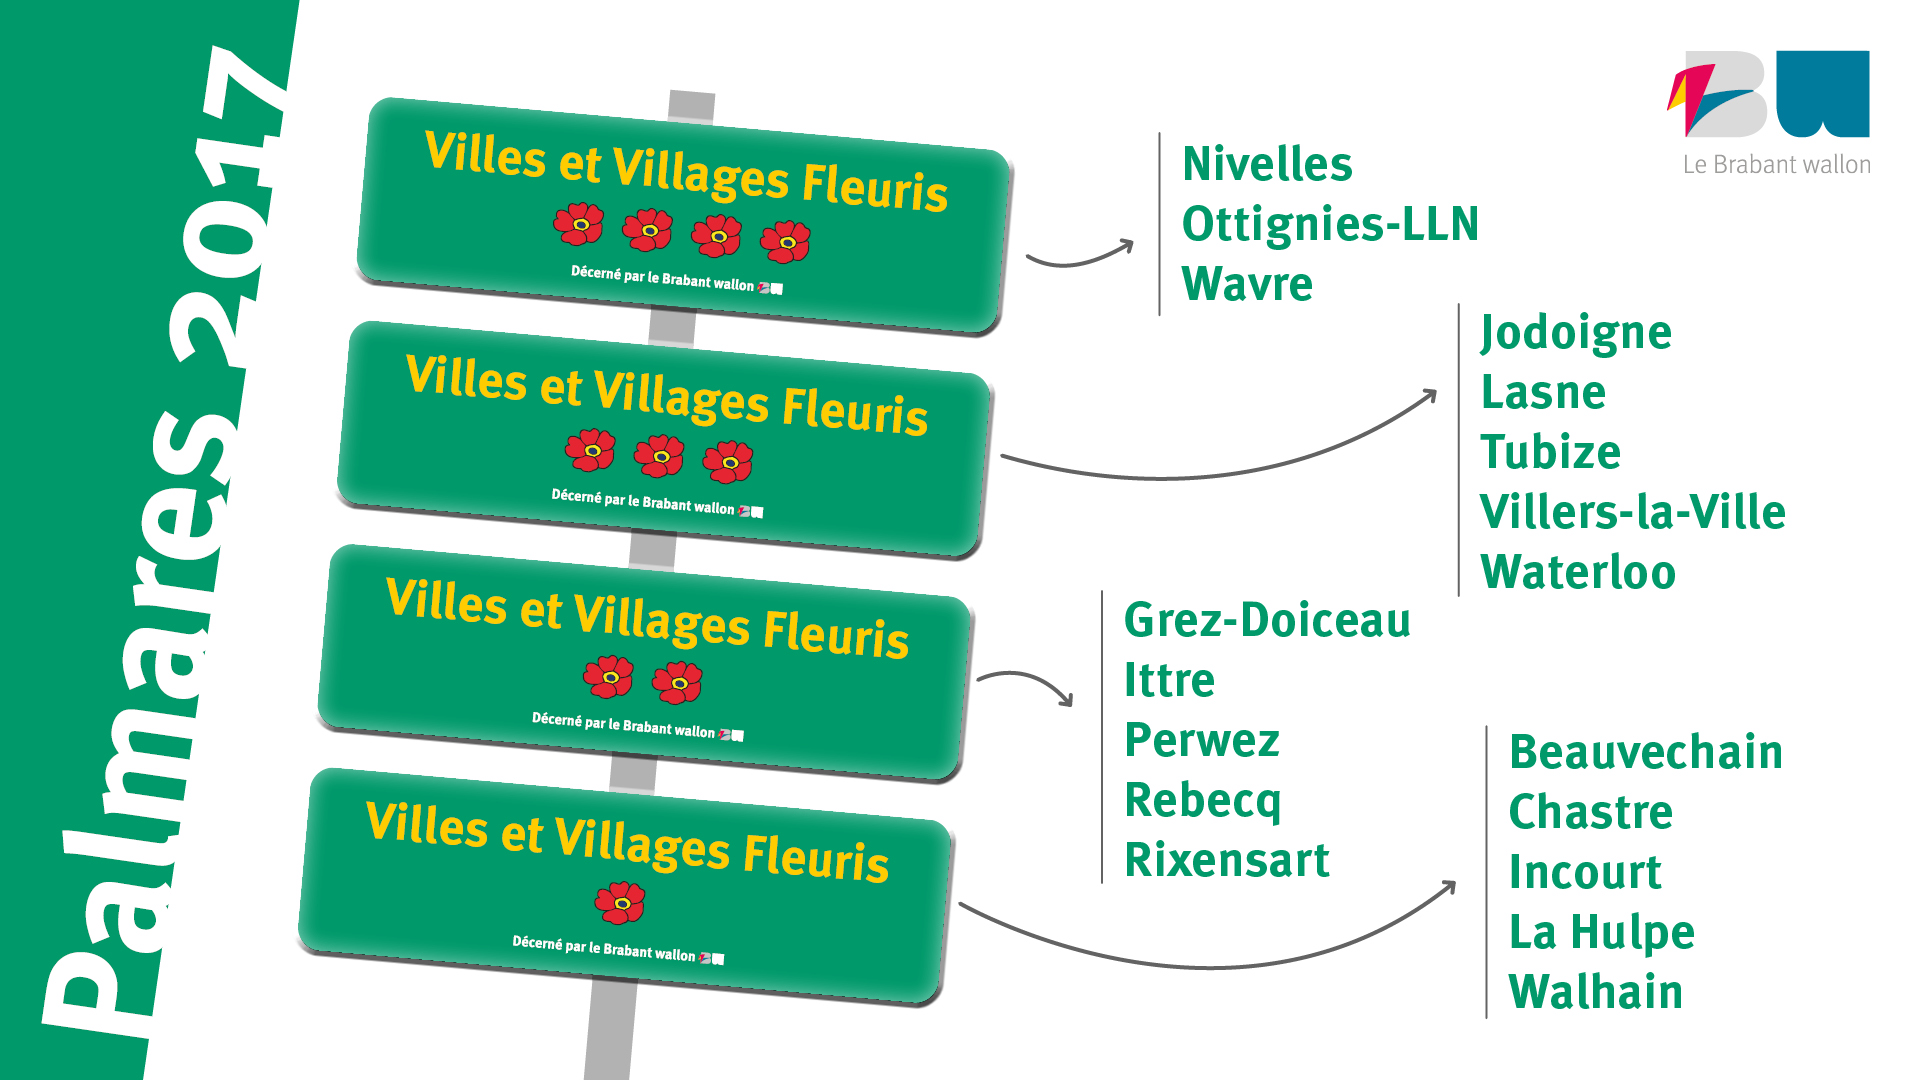 Villes et Villages Fleuris 2017 - Palmarès